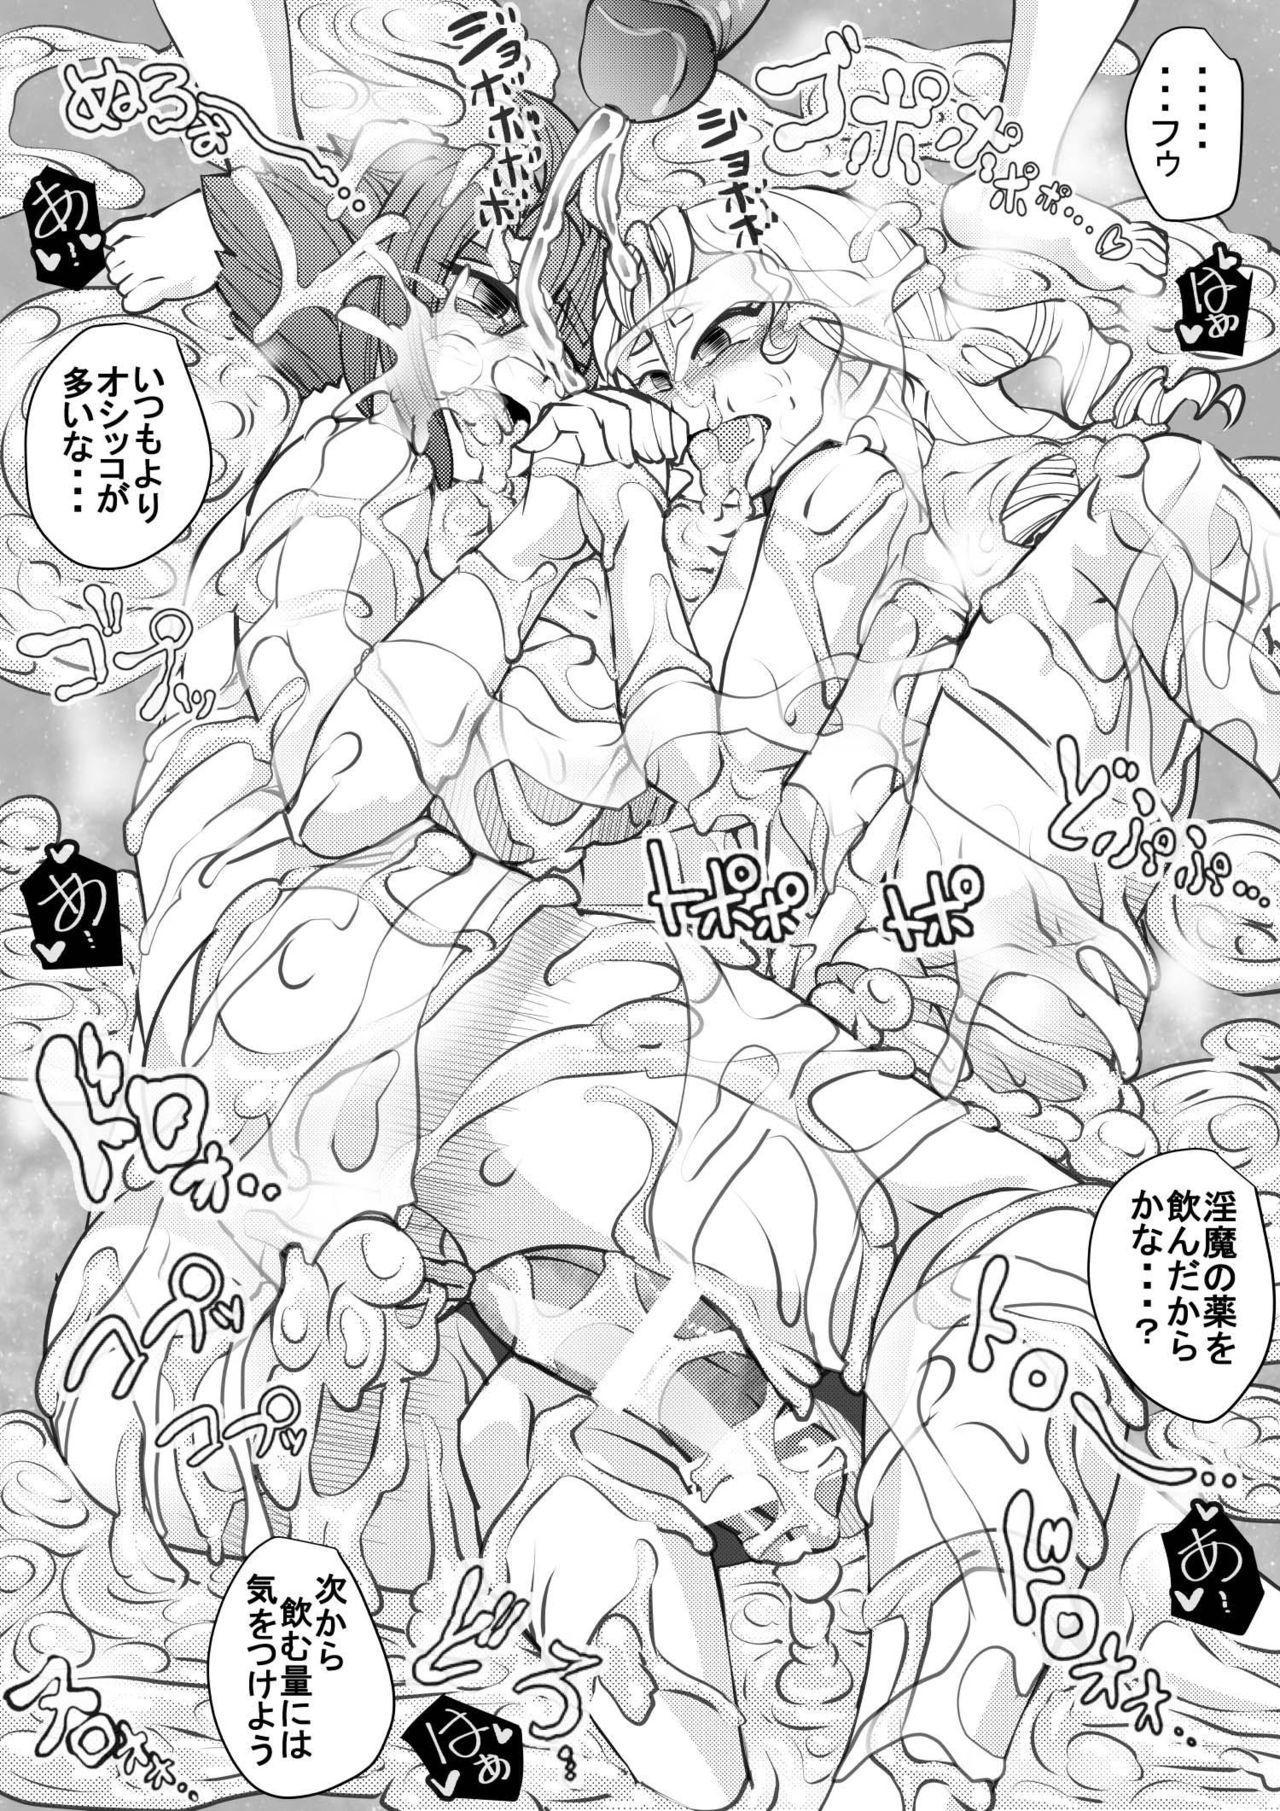 Uchi no Joseito Zenin Haramaseta Kedamono ga Anta no Gakuen ni Iku Rashii yo? 27 24